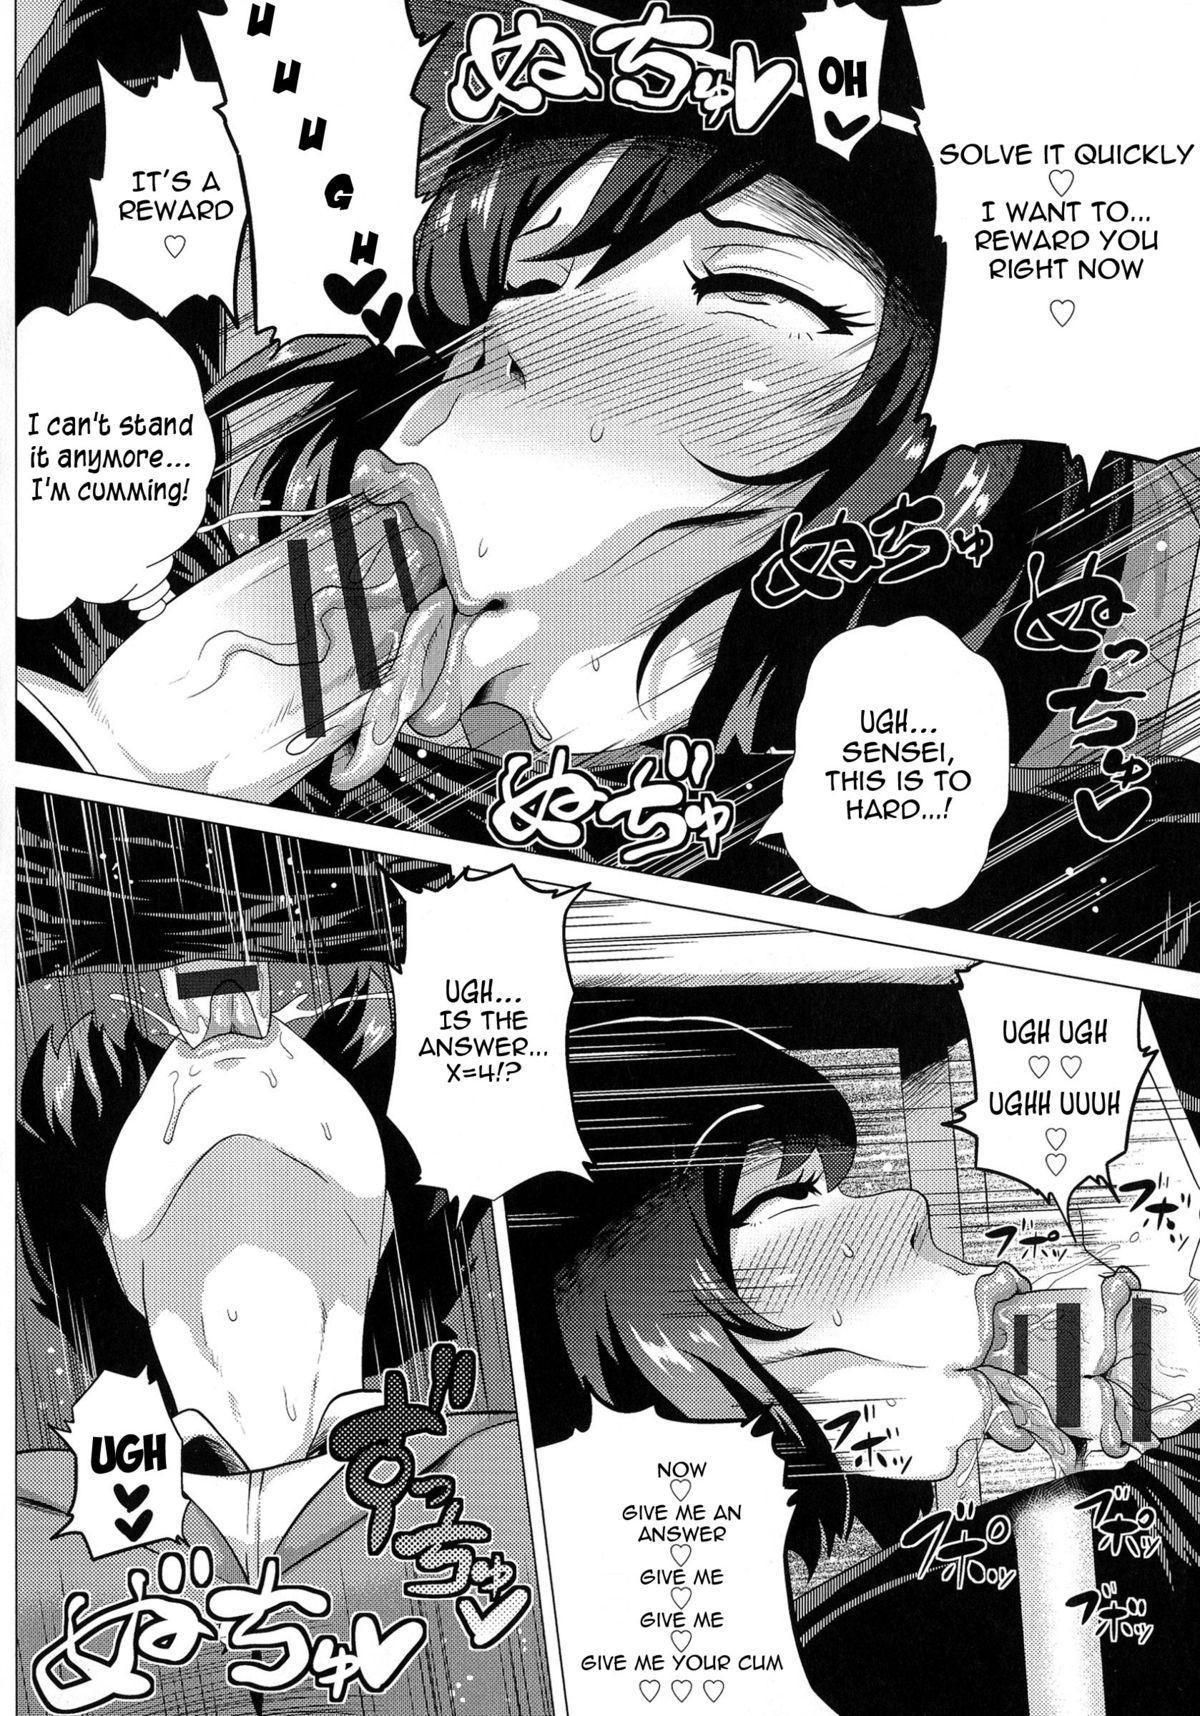 [Yokkora] Megabody Night ~Watashi no Oniku wo Meshiagare~ | Megabody Night ~My voluptuous body & mom love~ [English] {Laruffi + desudesu + EHCOVE} 132